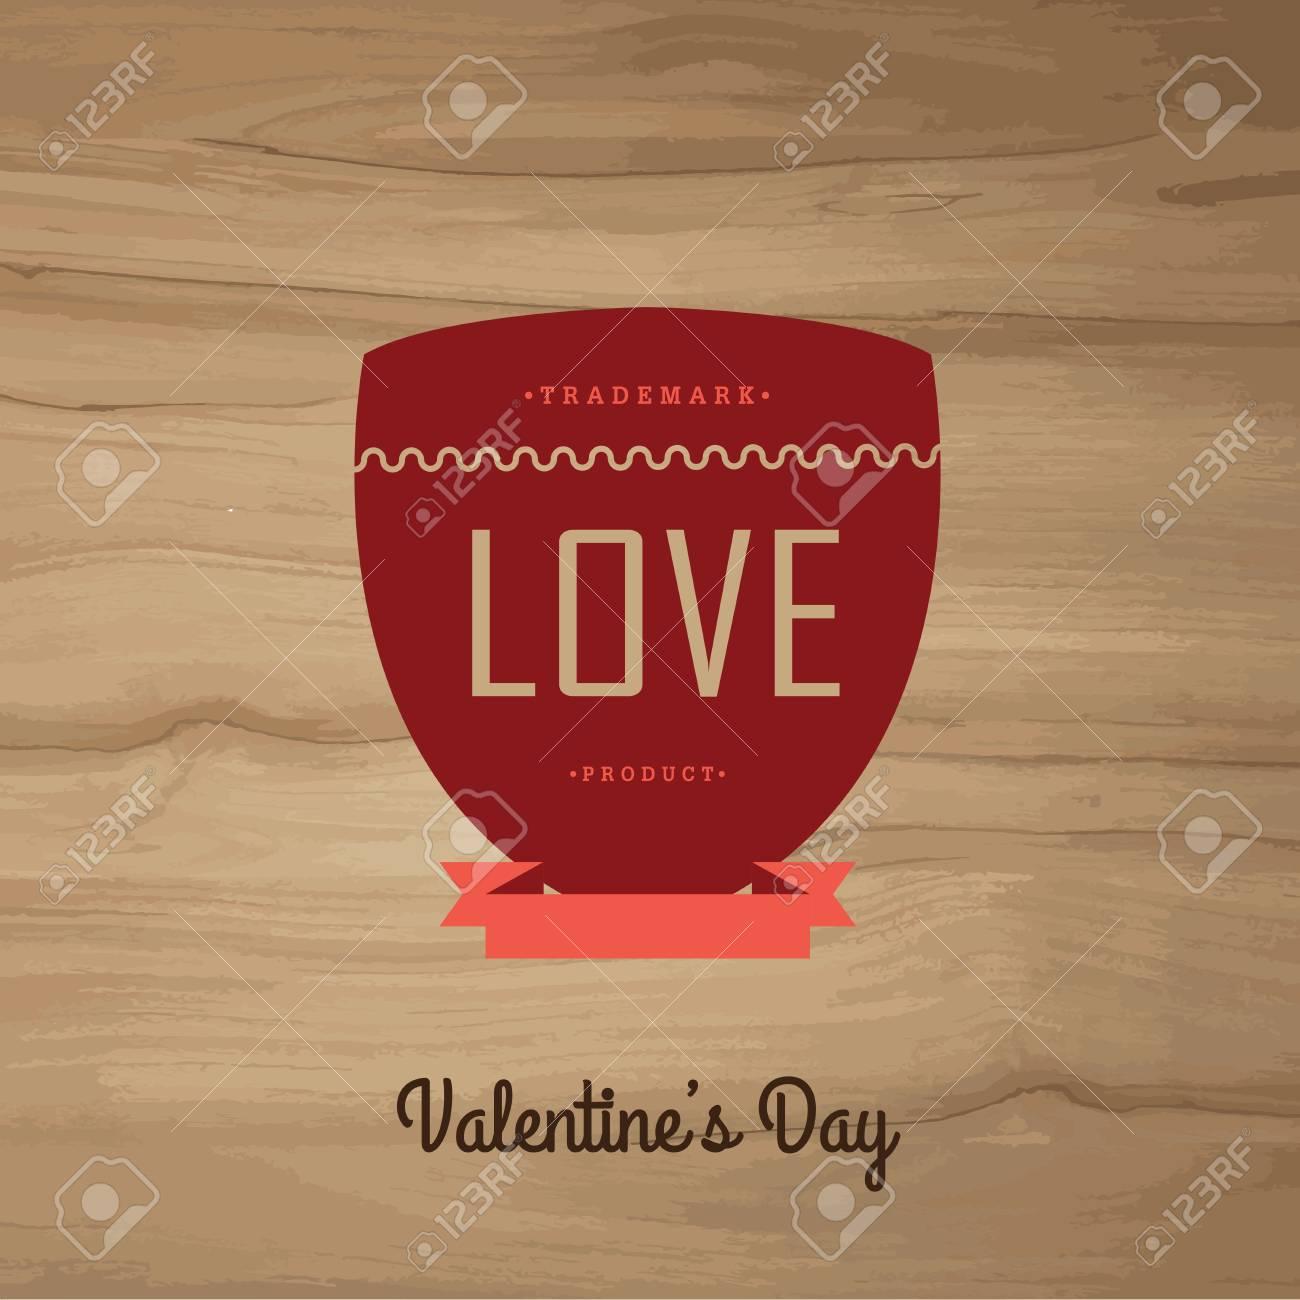 Etiquetas De La Vendimia DayVector Establecer Valentín Ilustraciones ...